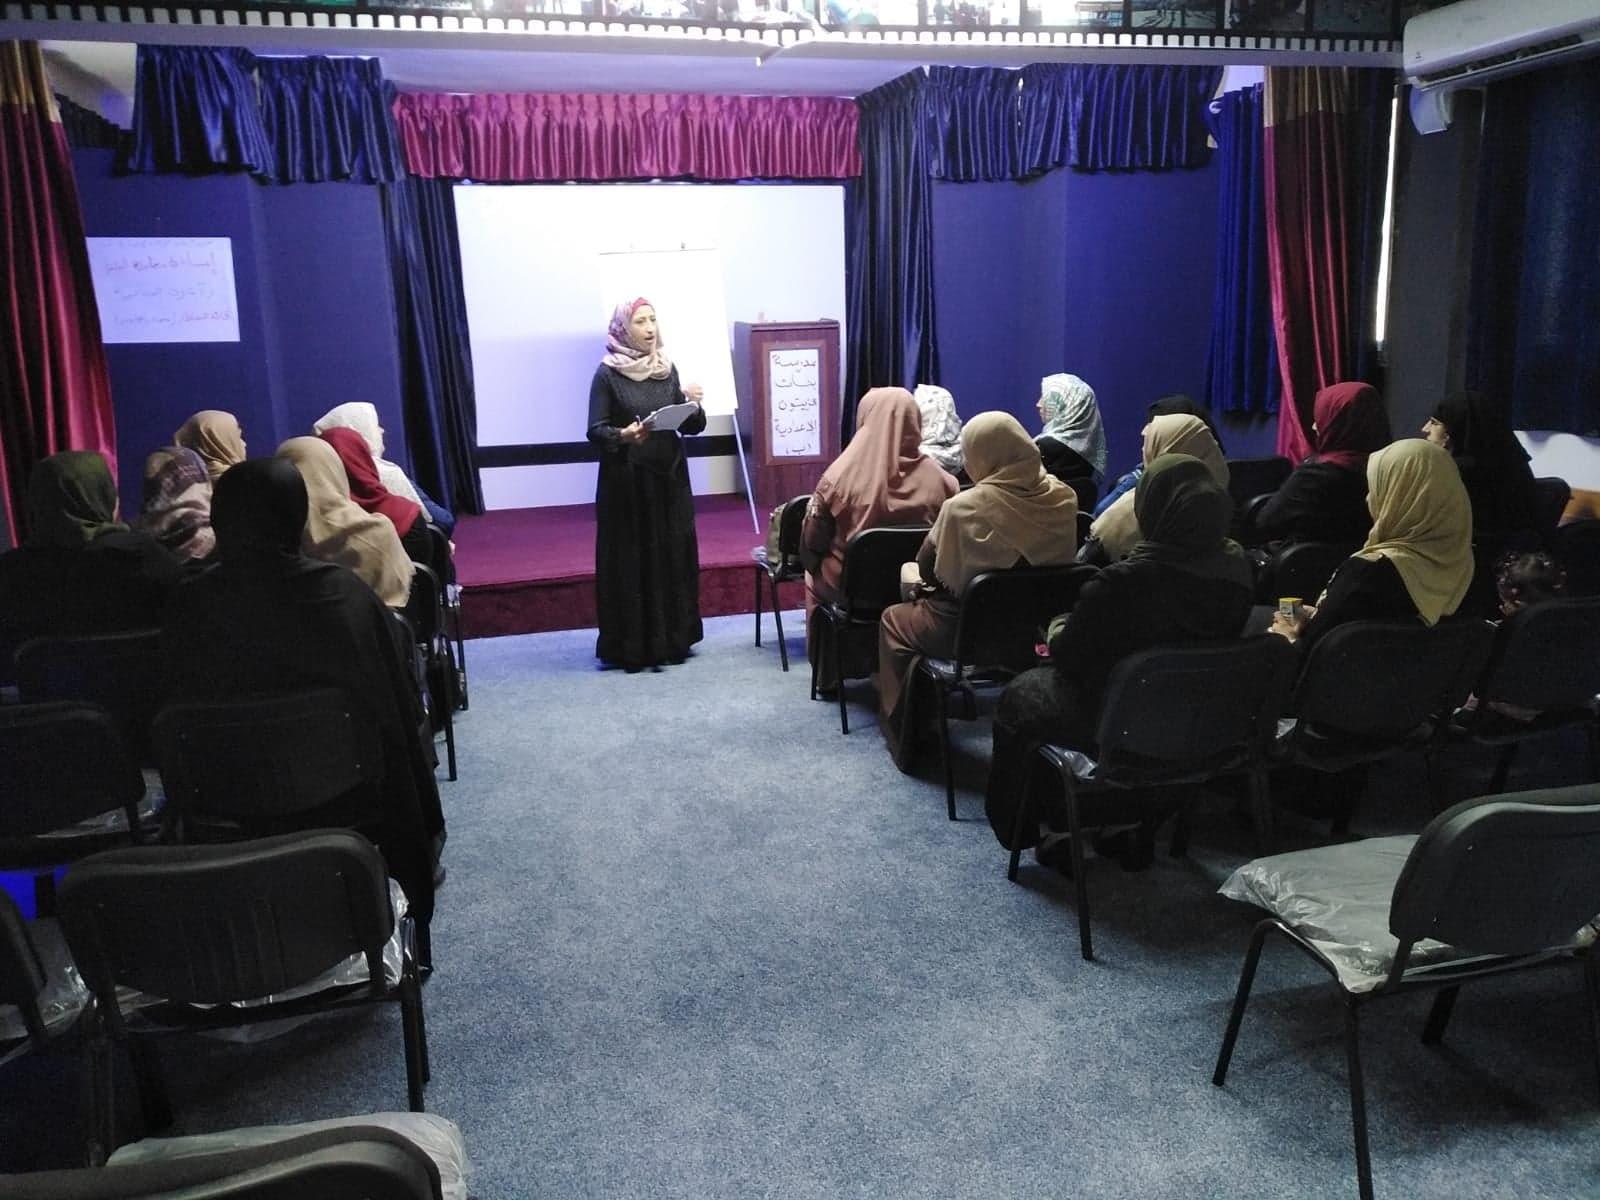 اتحاد لجان المرأة ينفذ لقاءان توعويان في مدرسة بنات الزيتون الإعدادية .